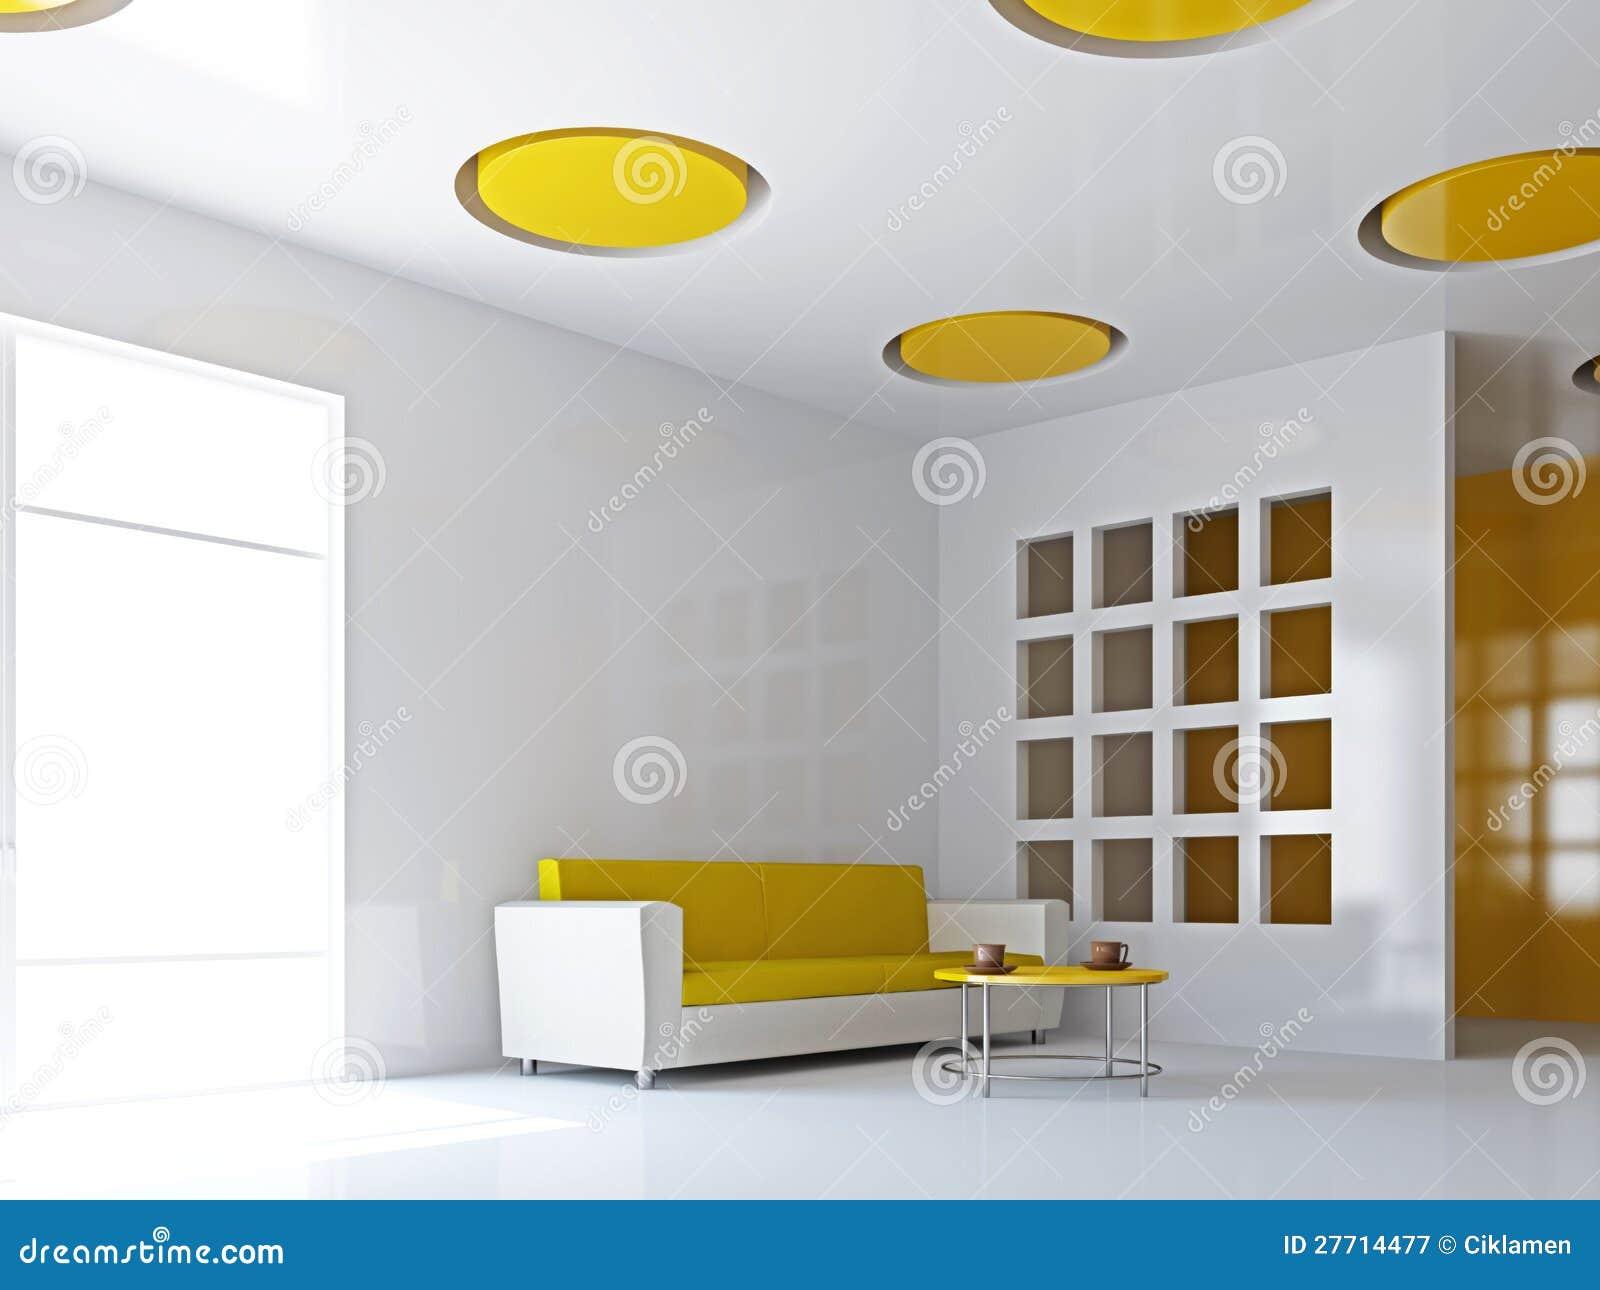 Das Wohnzimmer Mit Gelbem Sofa Stock Abbildung - Bild: 27714477